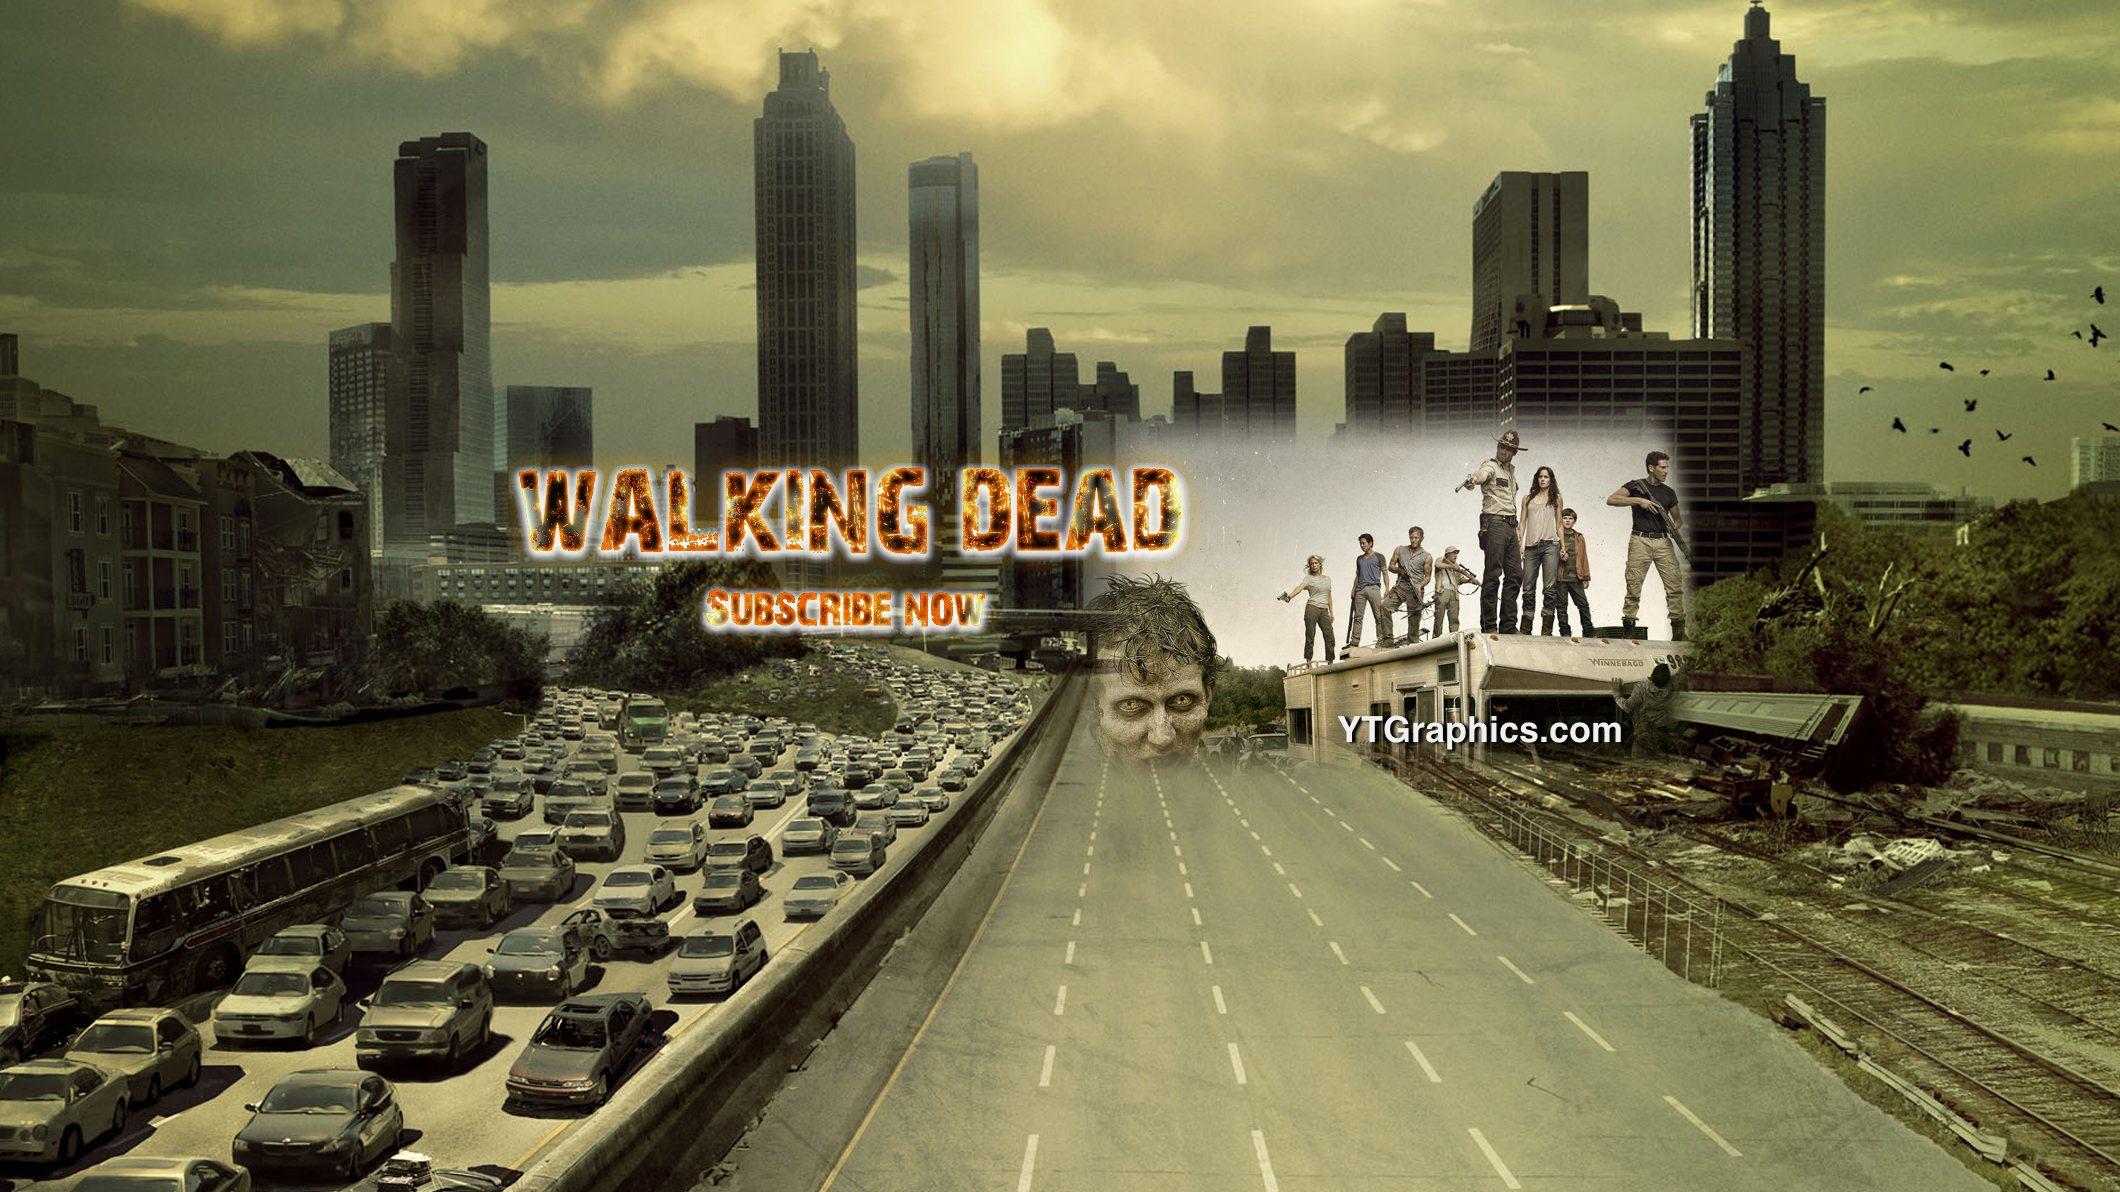 Walking Dead Youtube Channel Art Banner YouTube Channel Art Banners